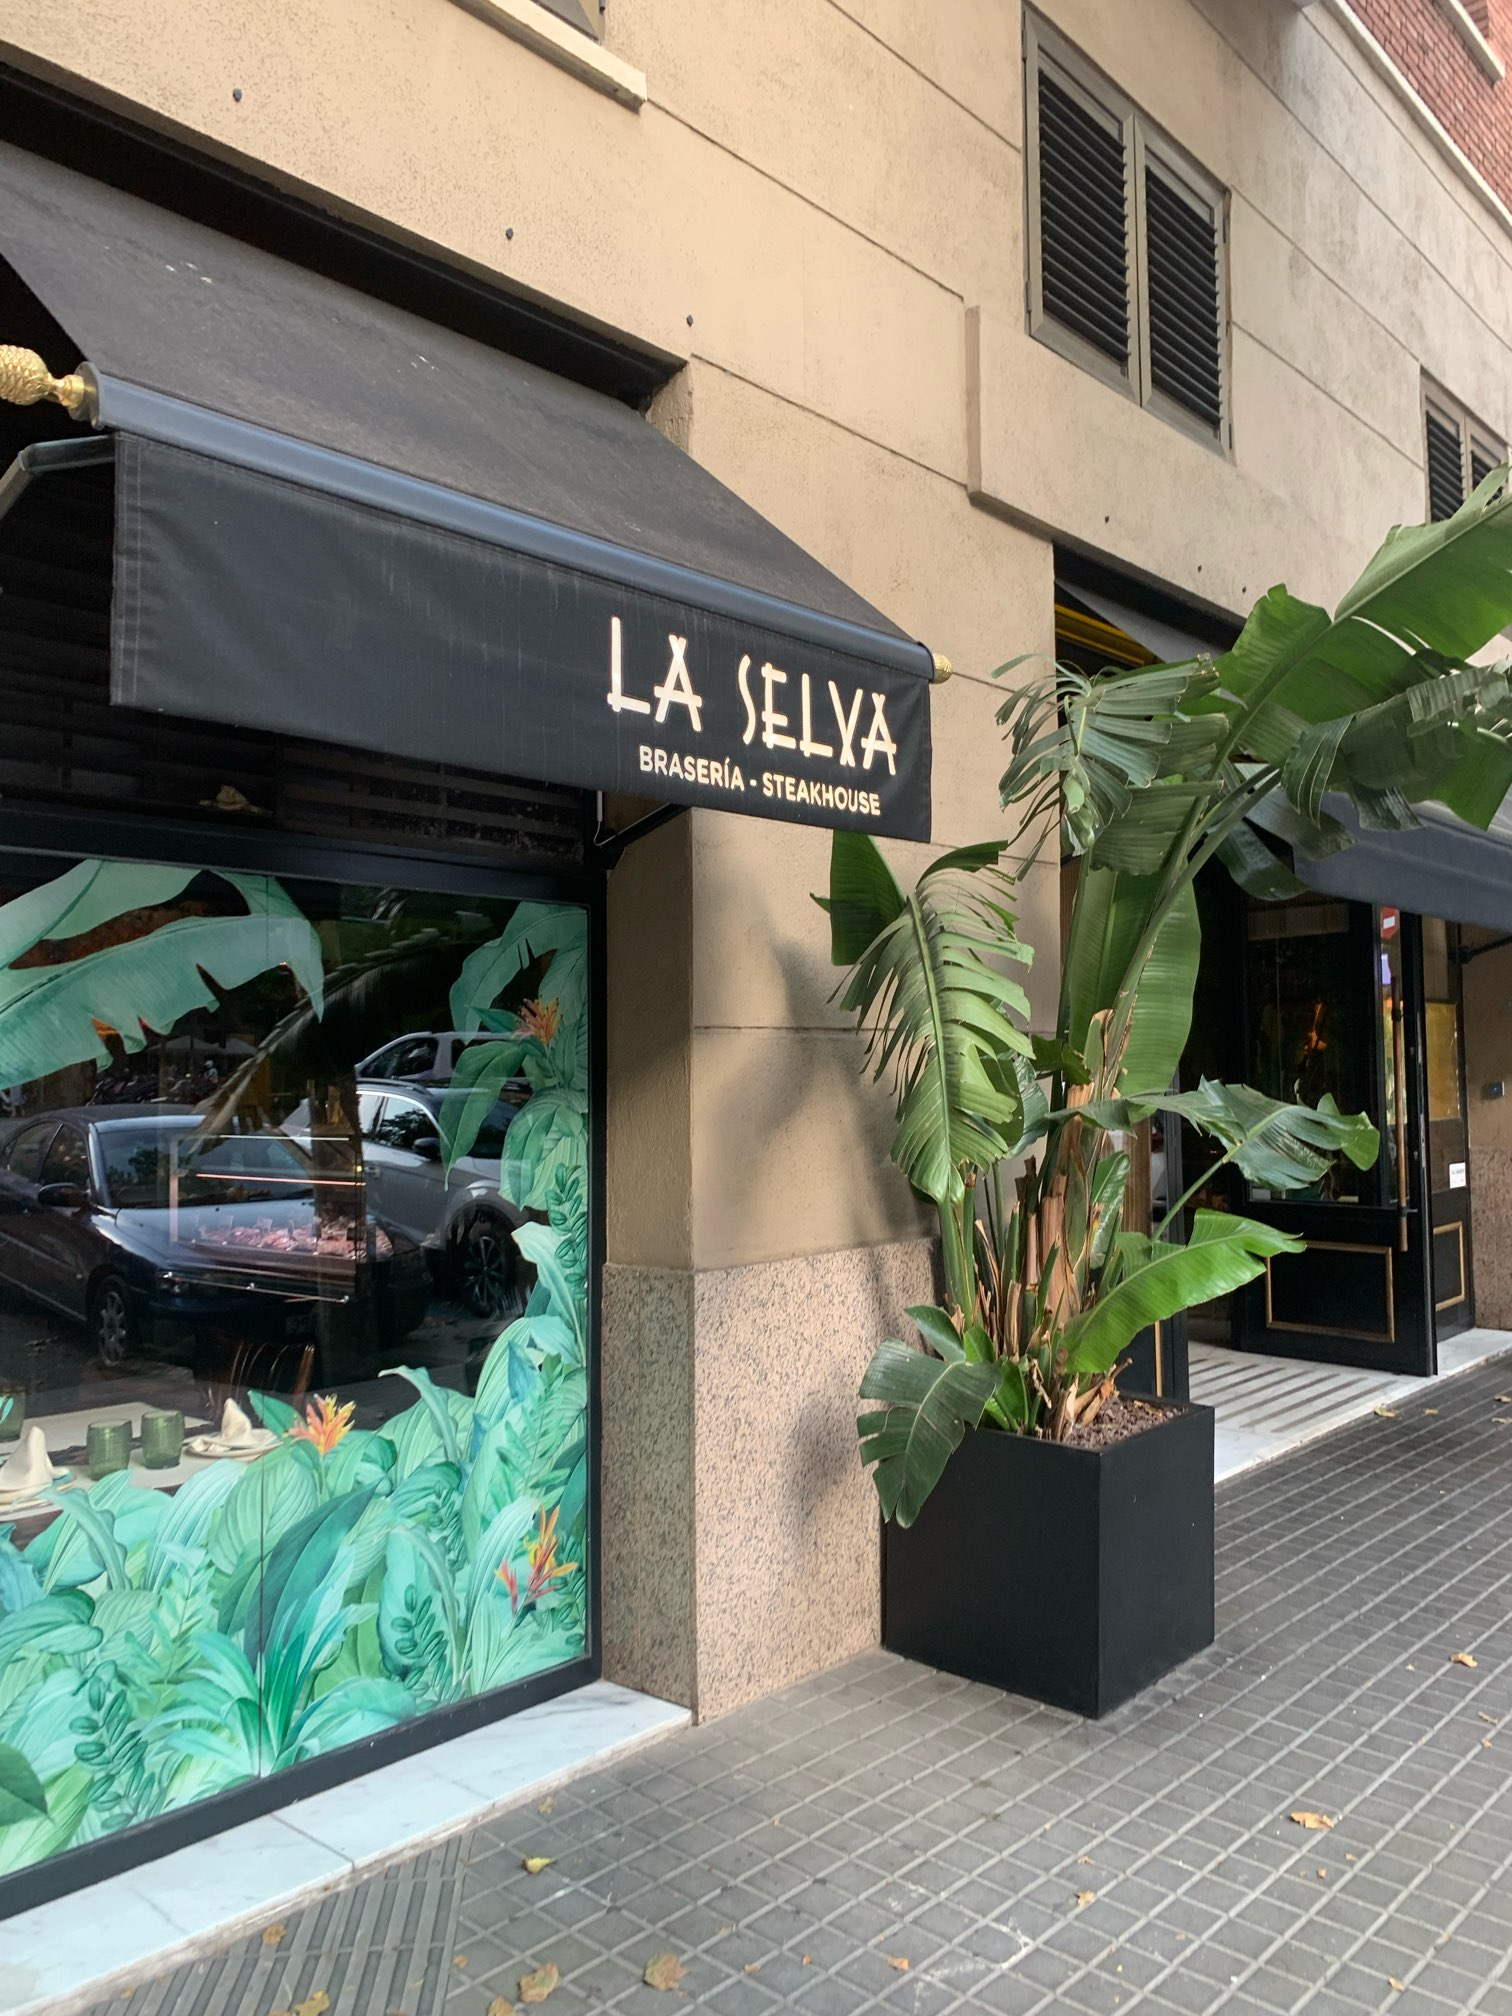 バルセロナのステーキ屋さん「La Serva」